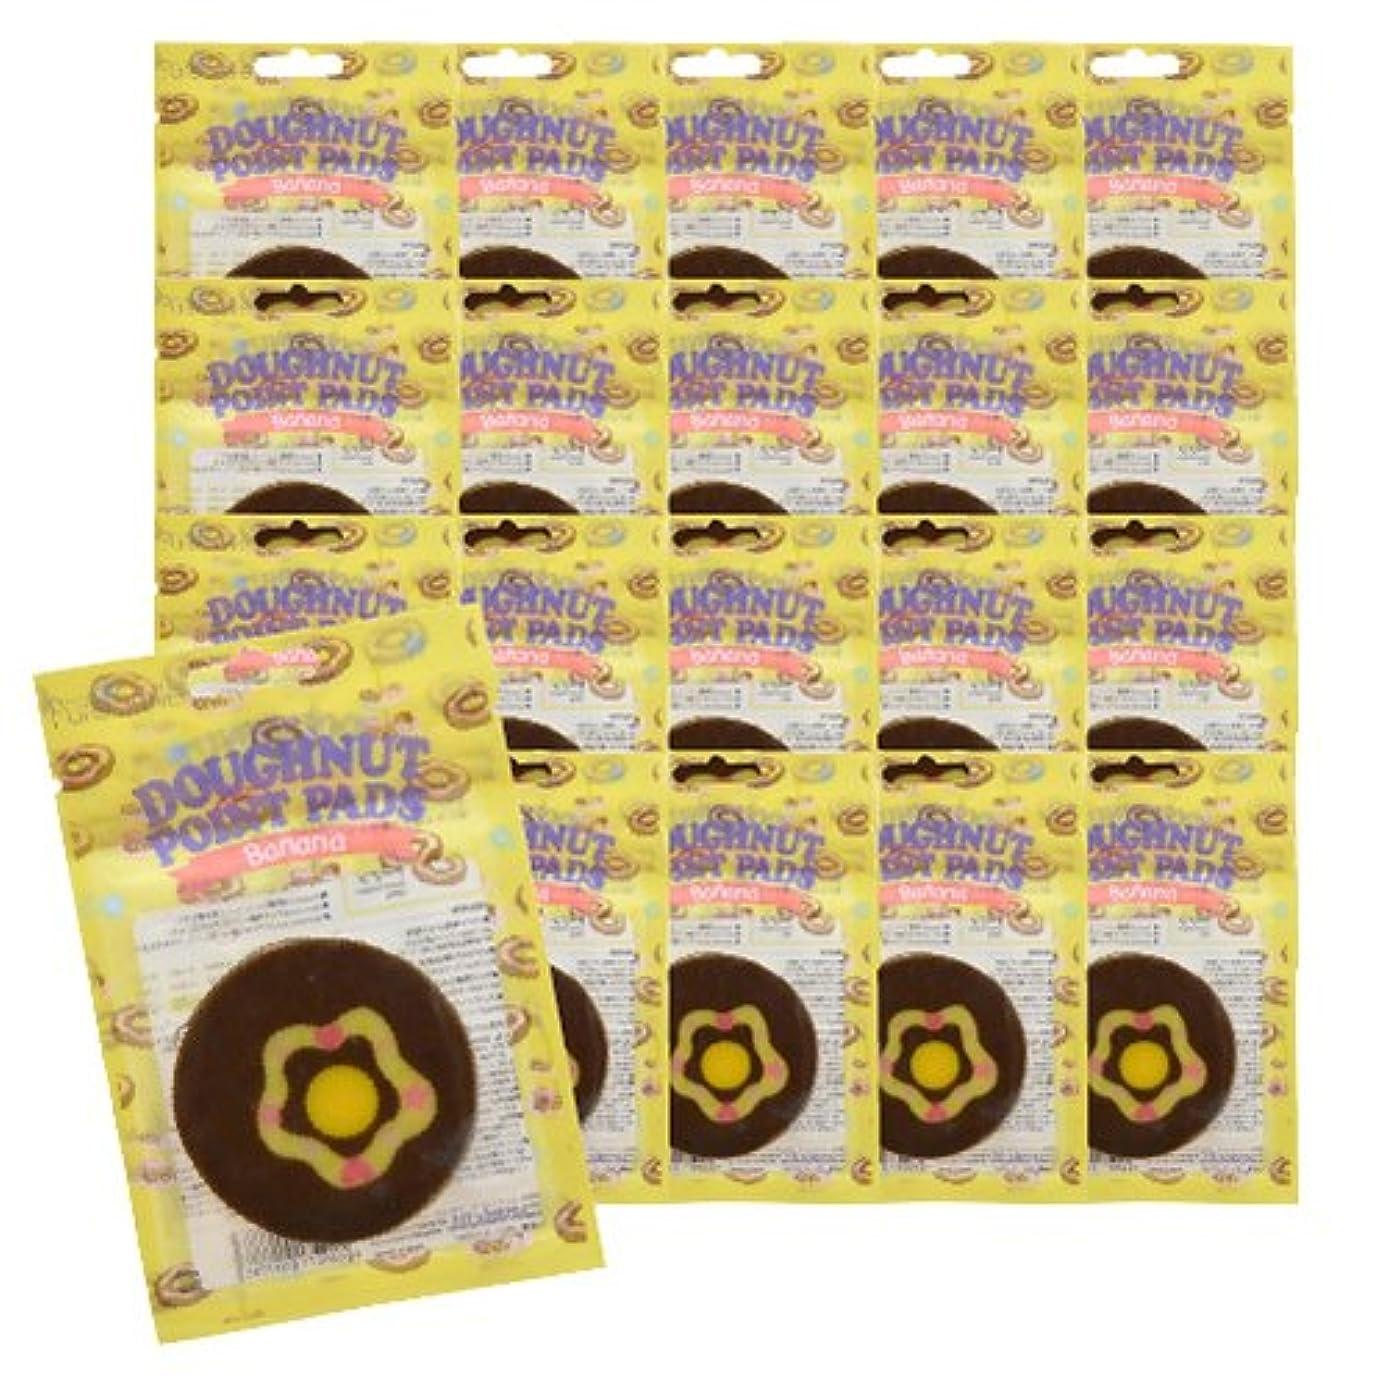 剥離幽霊郵便局ピュアスマイル スイートドーナツポイントパッド バナナ 20枚パック